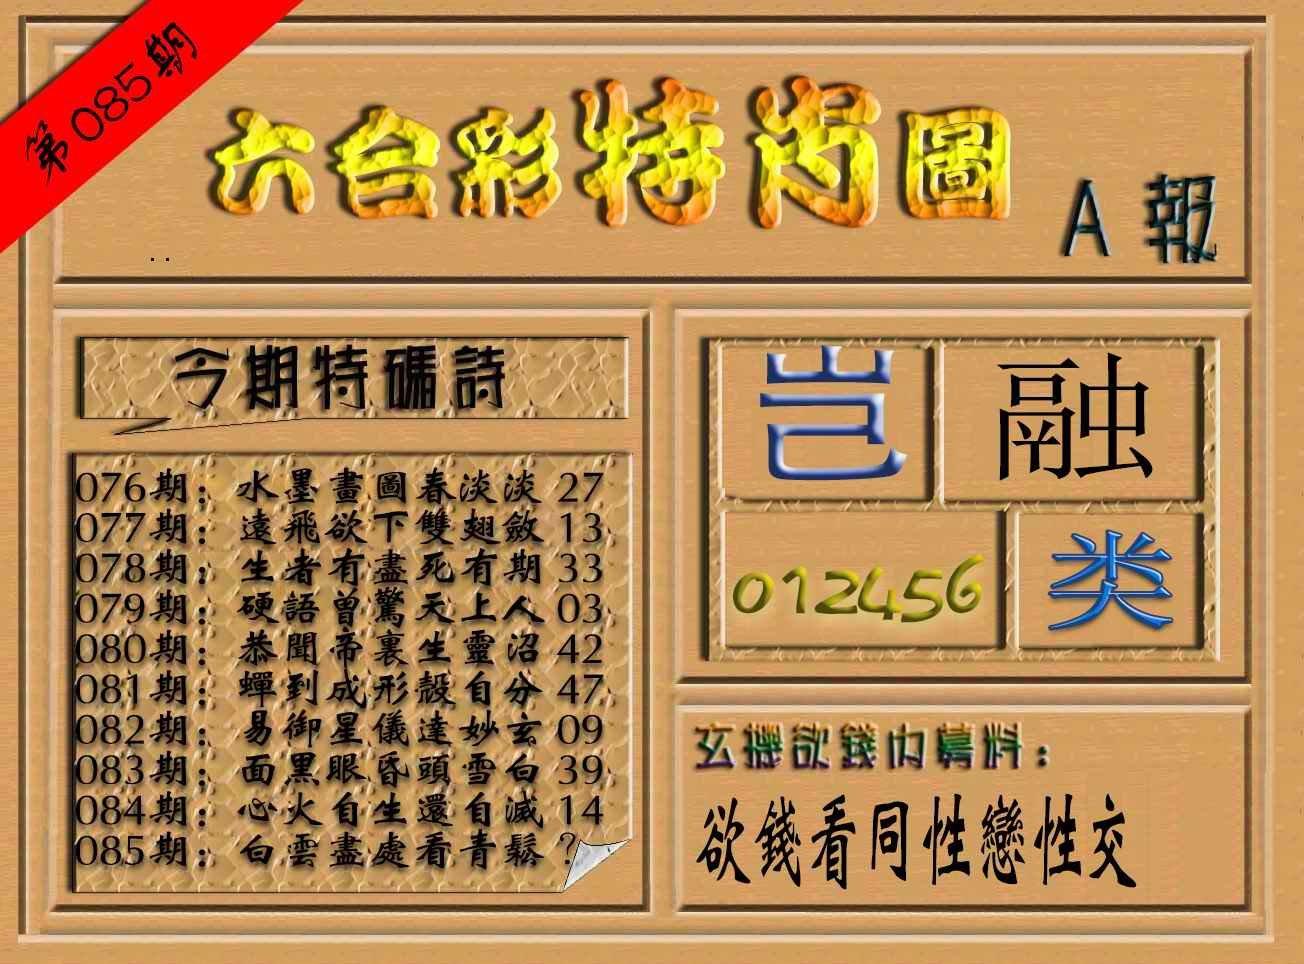 085期六合彩特肖图(A报)